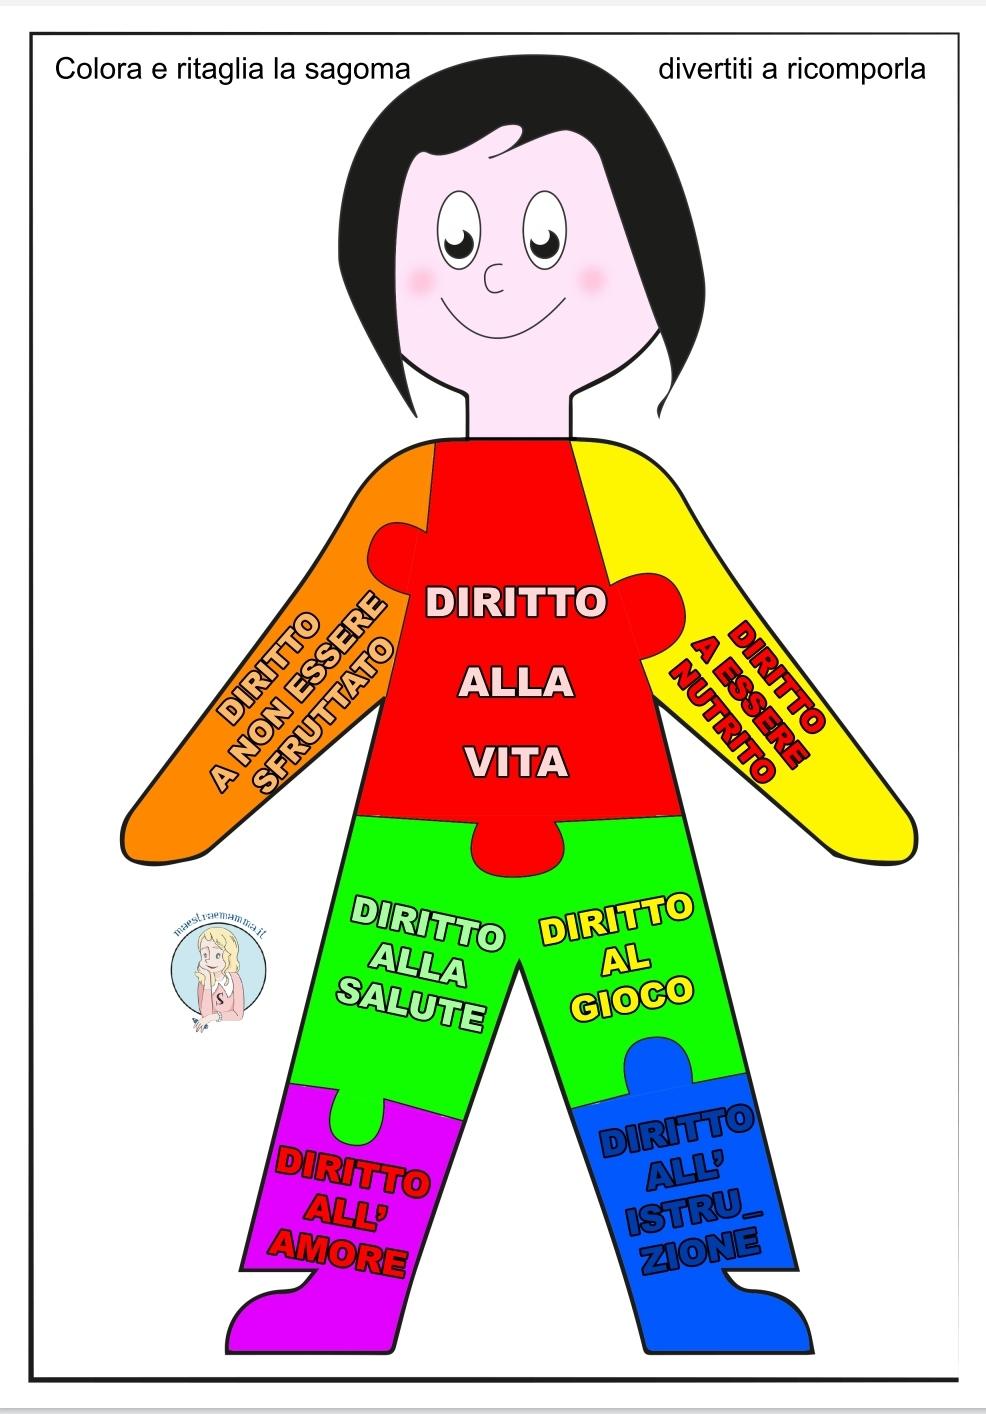 I Diritti dei Bambini 20 novembre – Giornata mondiale dei diritti dell'infanzia - attività didattica da svolgere in classe anche con gli alunni più piccoli